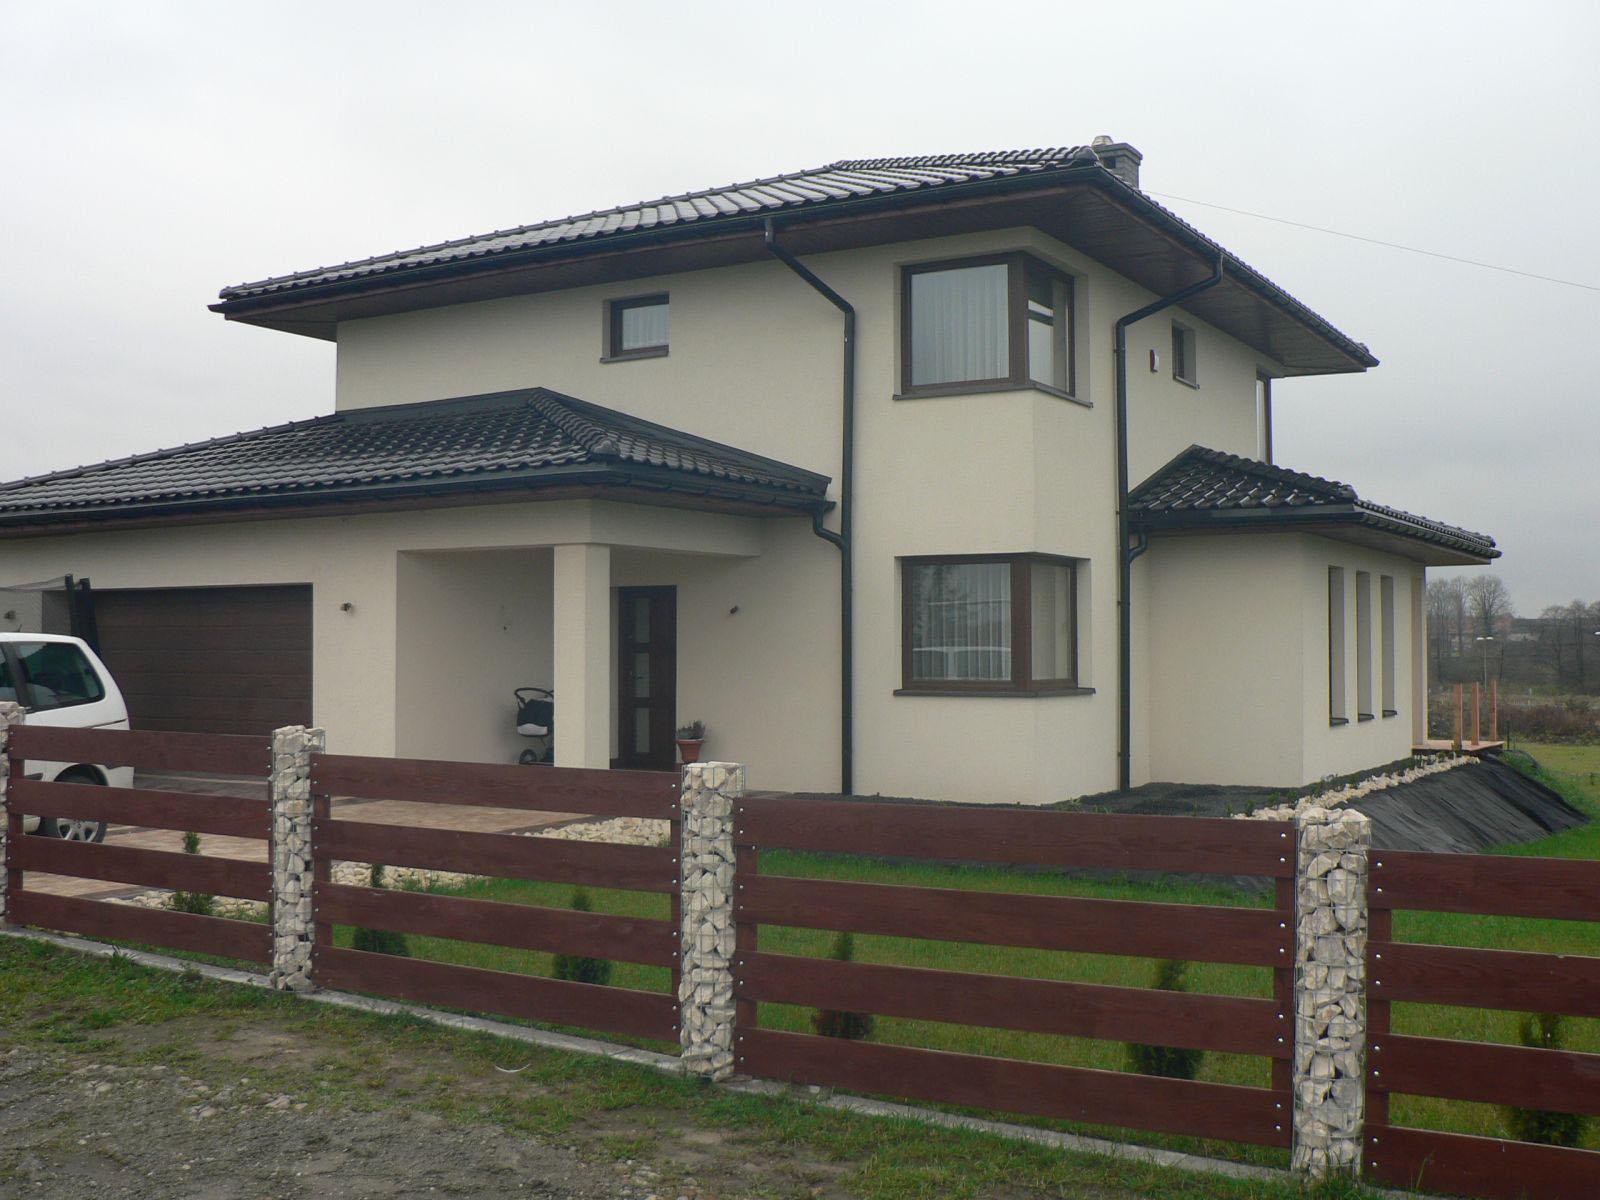 Строительство двухэтажного дома, площадью 224 м2 в стиле прерий, вид спереди